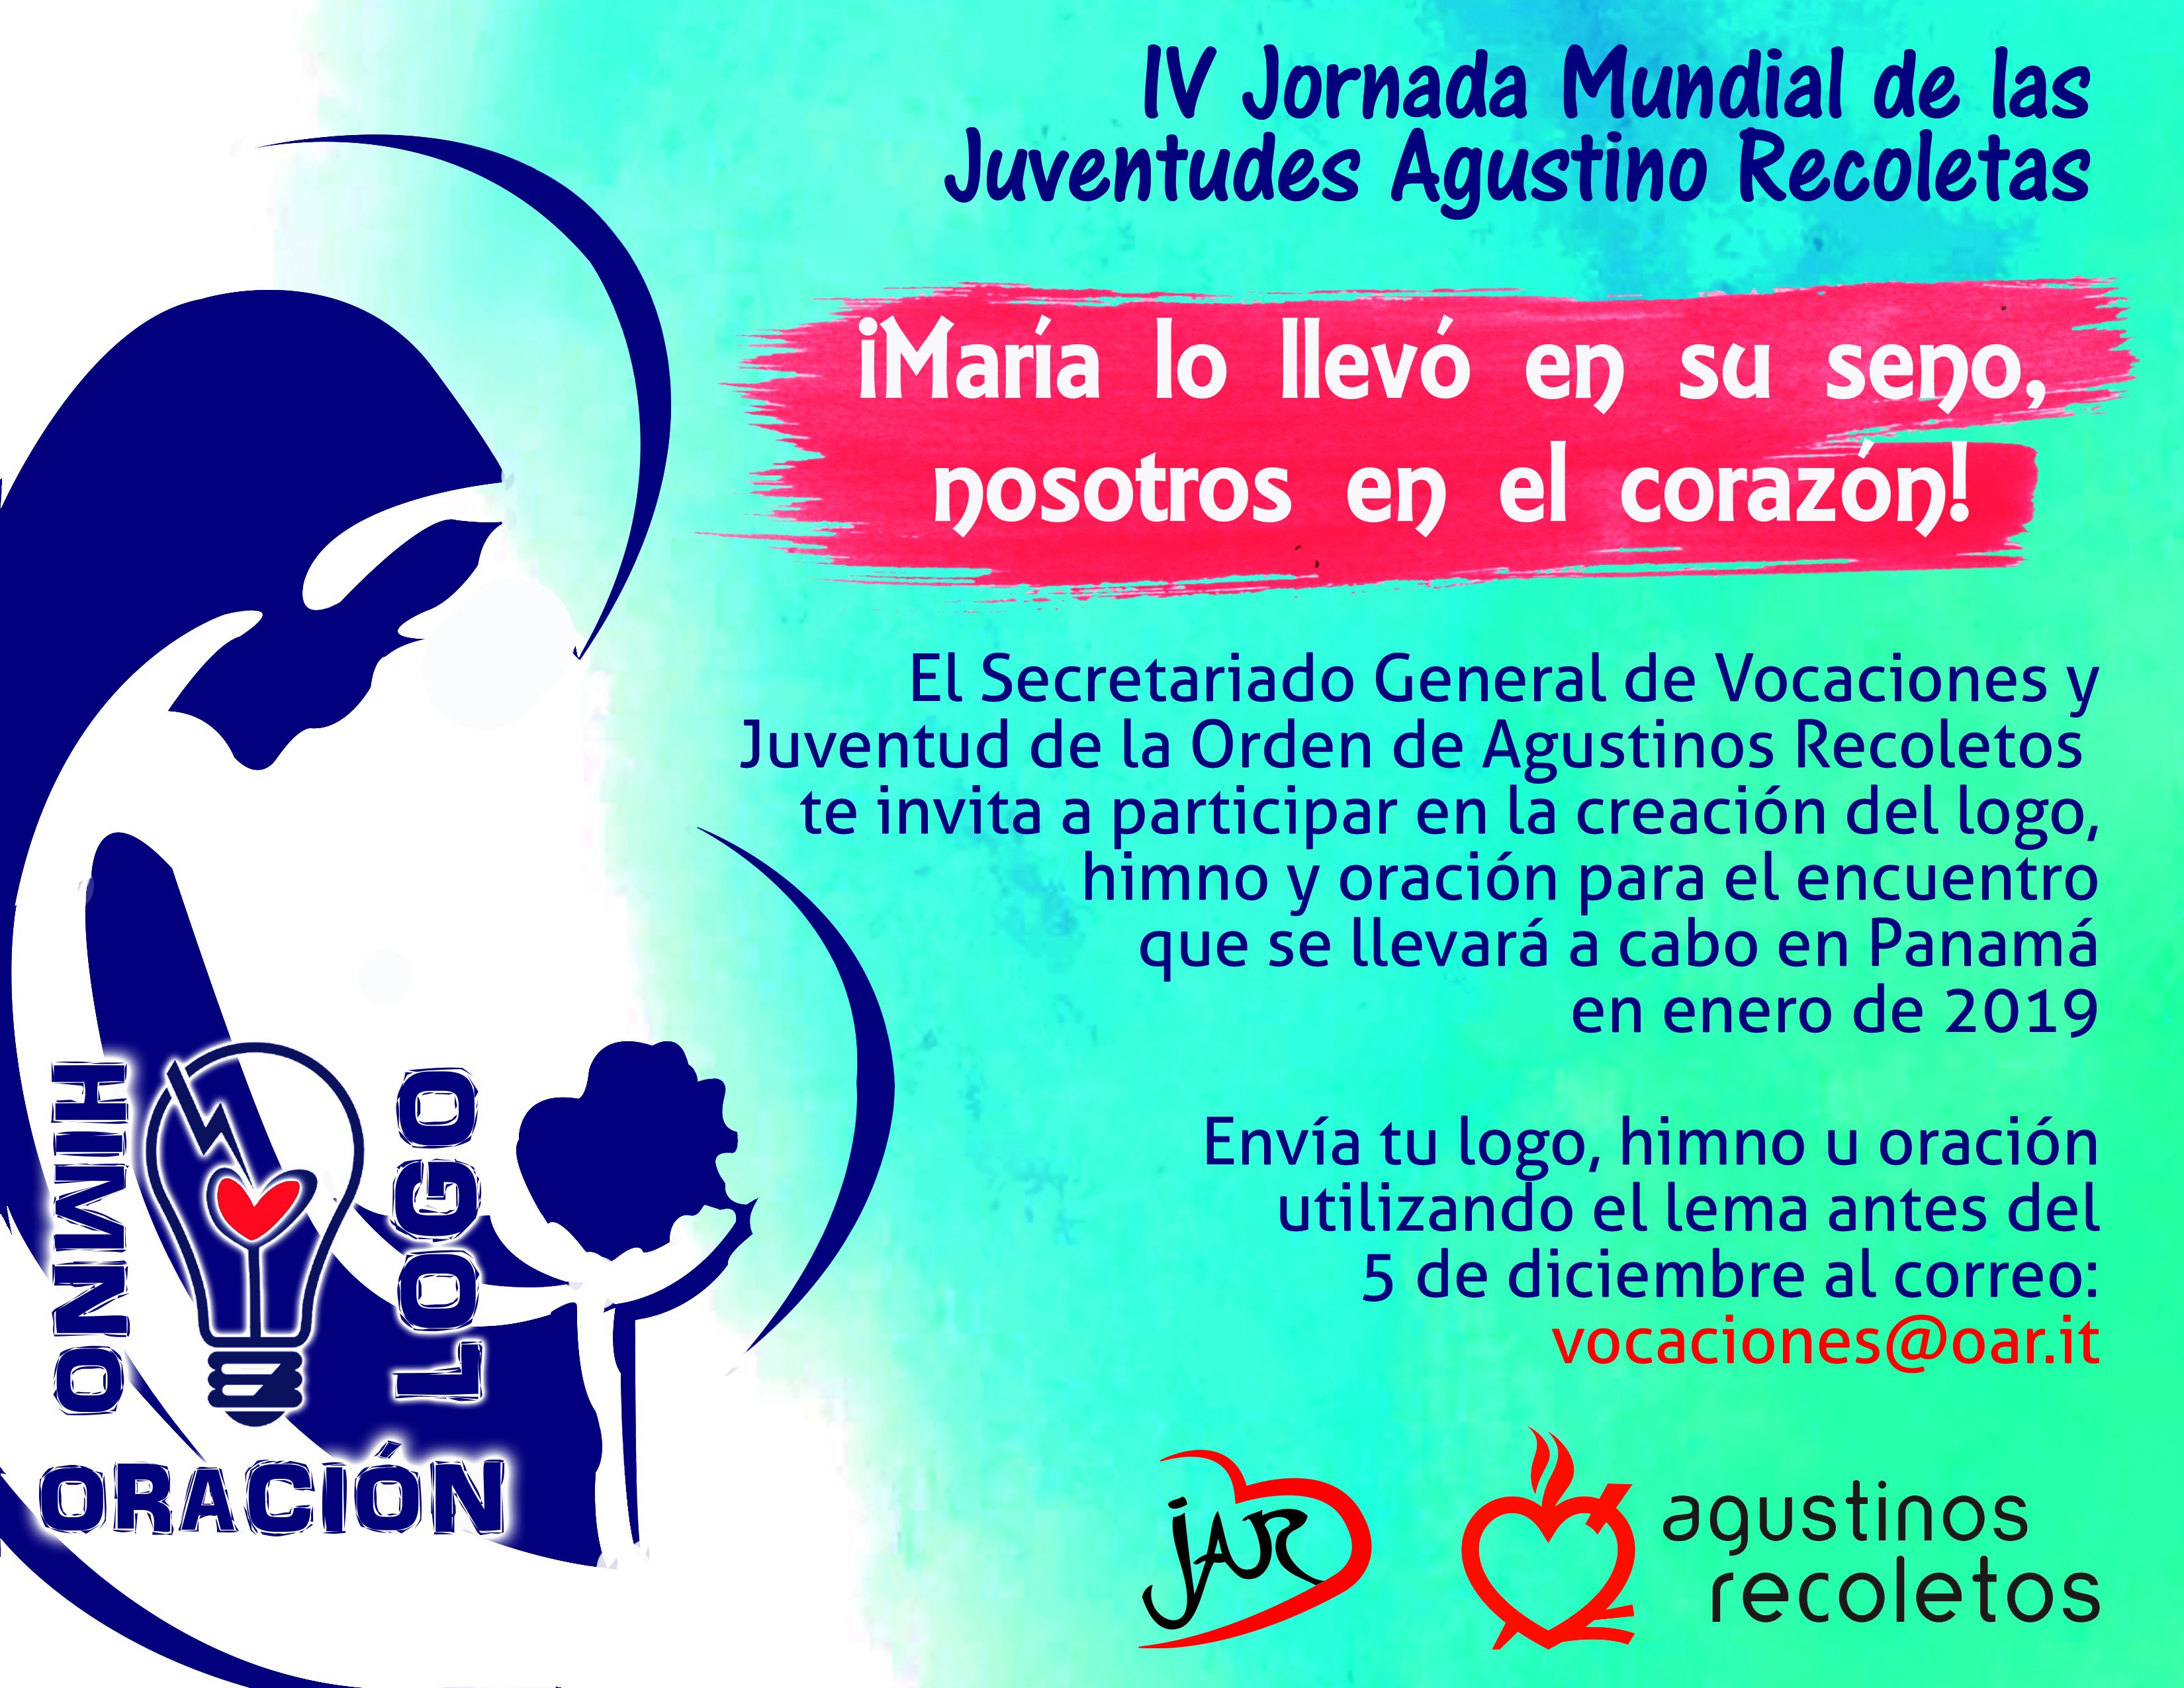 Concurso JMJ Panamá